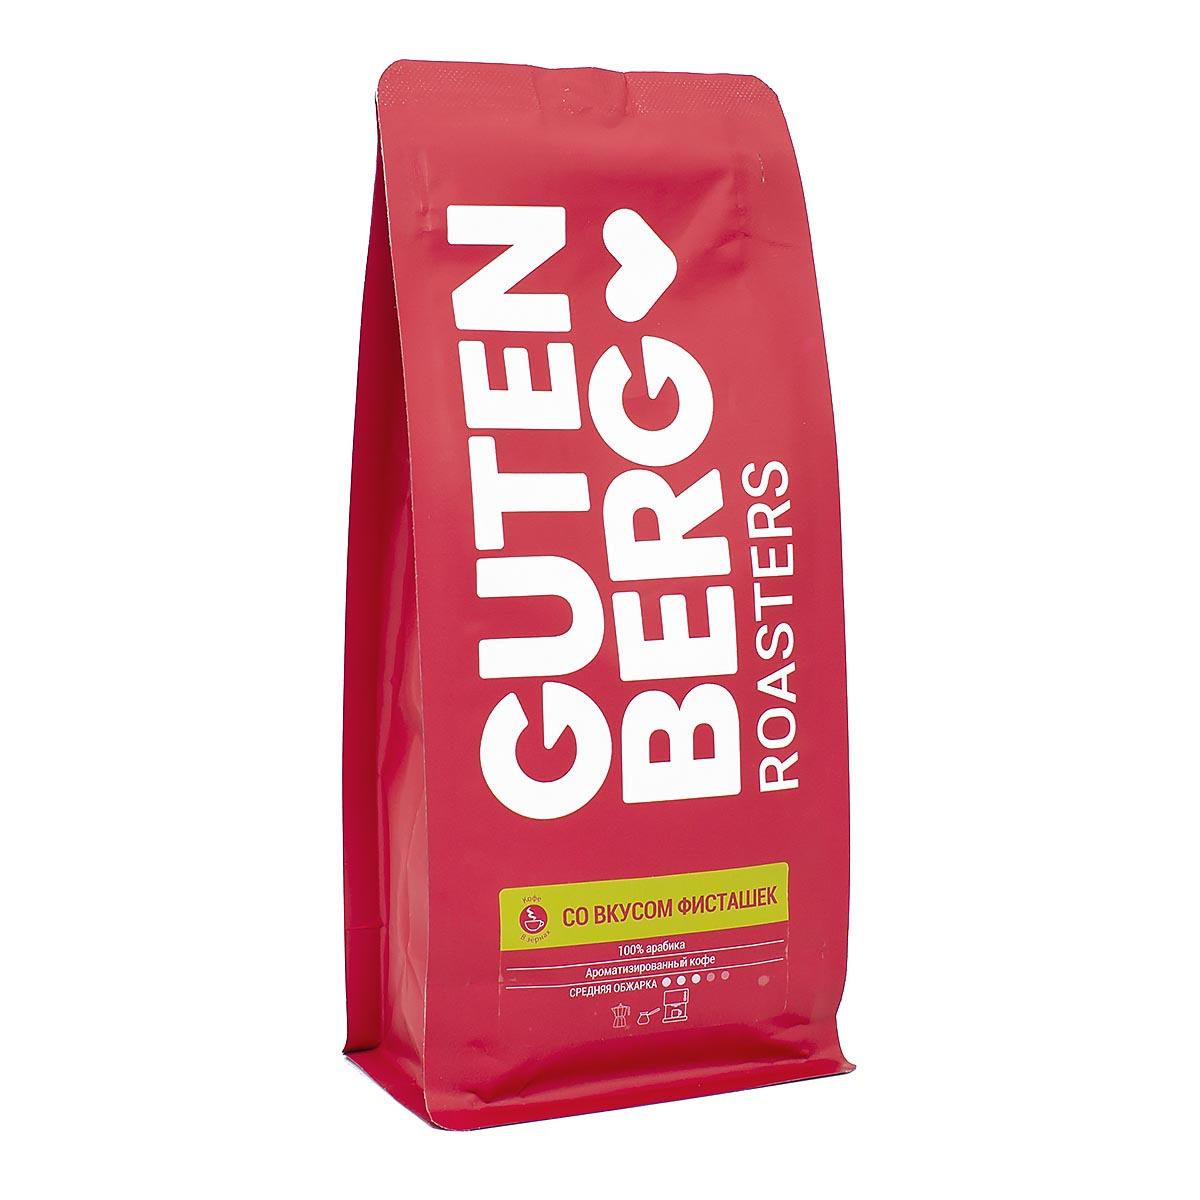 Кофе ароматизированный в зернах со вкусом фисташек, 250 г